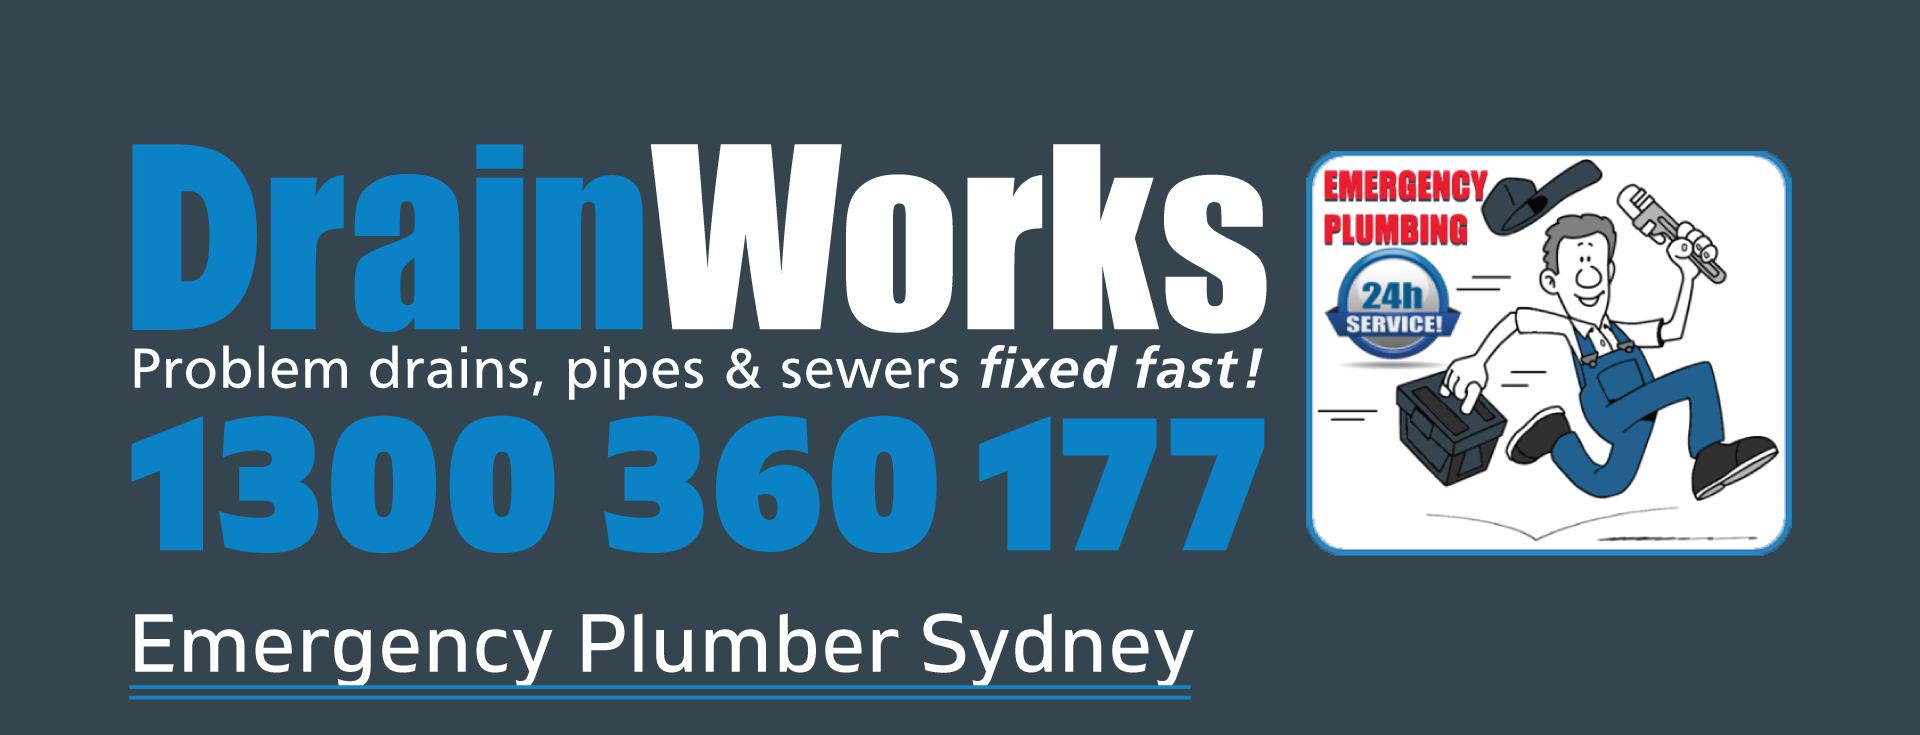 DrainWorks - Emergency Plumber Sydney